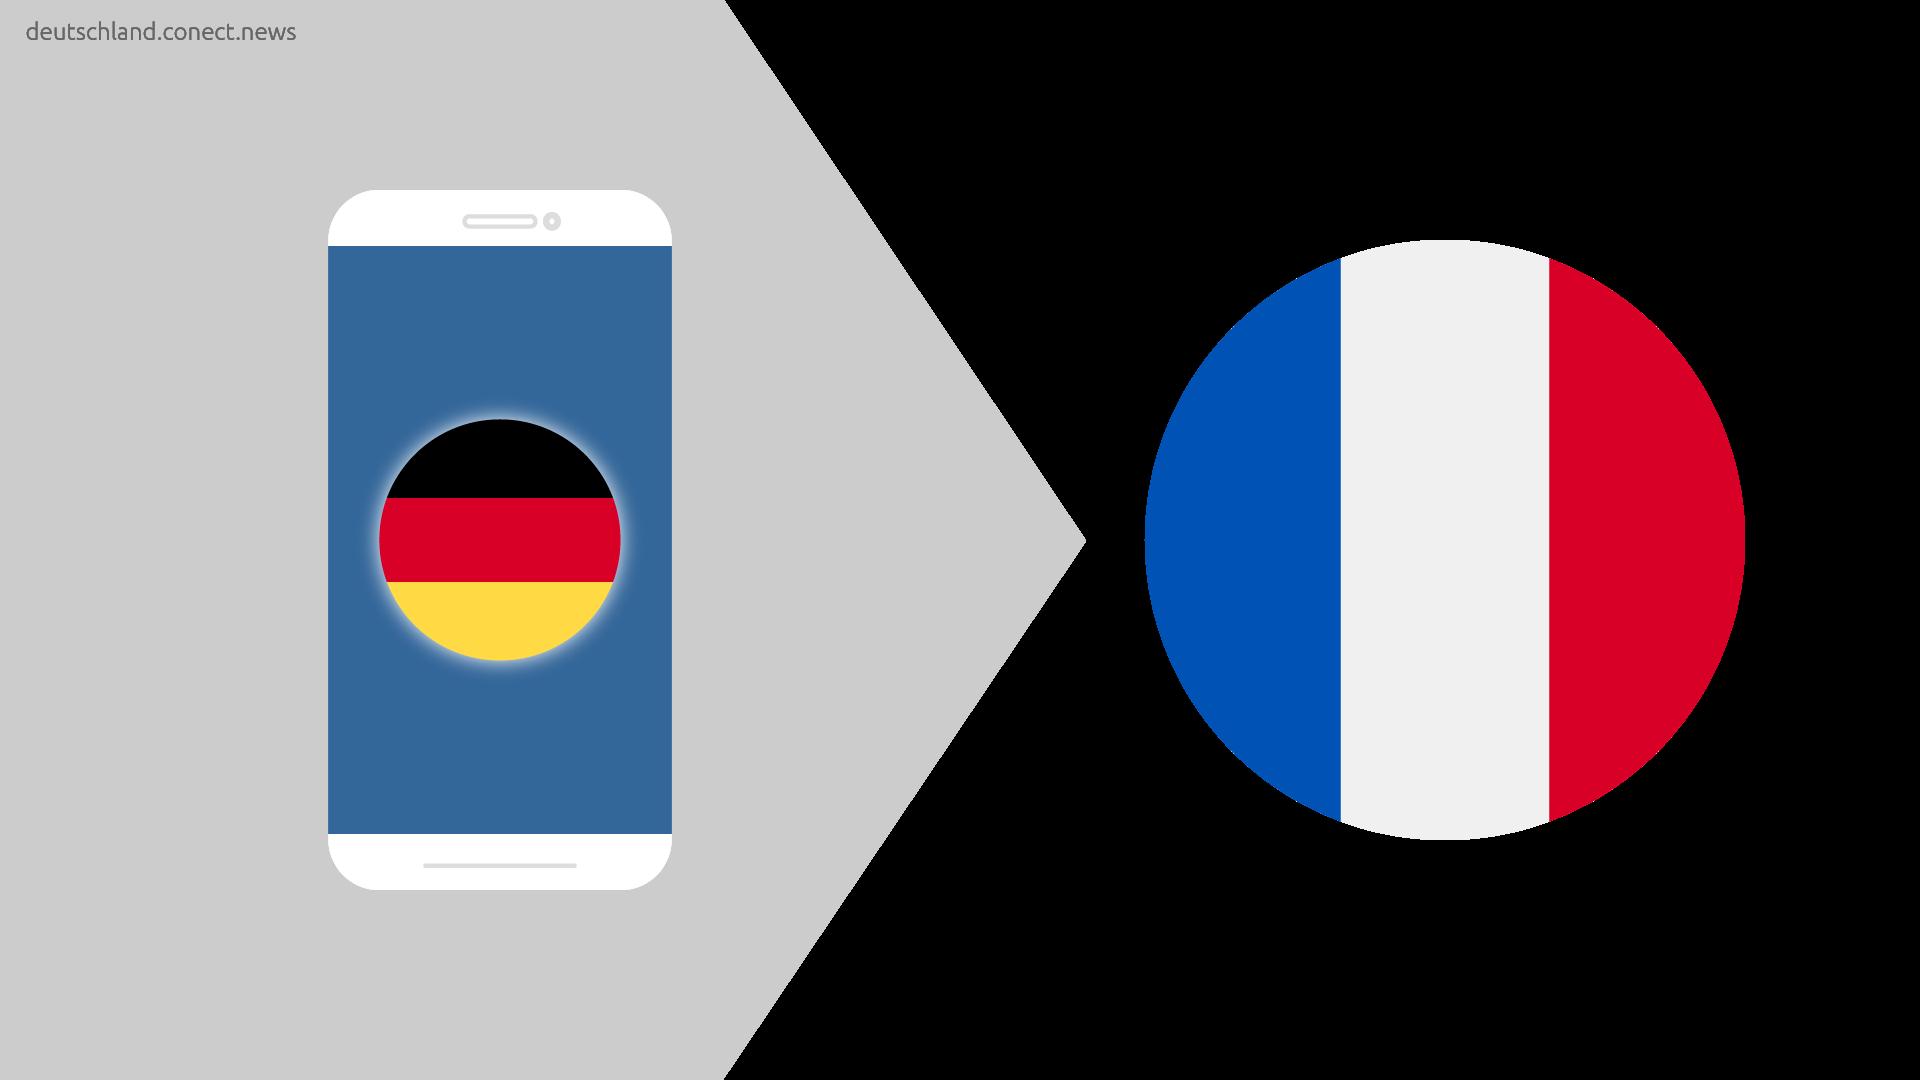 Günstiger von Deutschland nach Frankreich @conetc_news